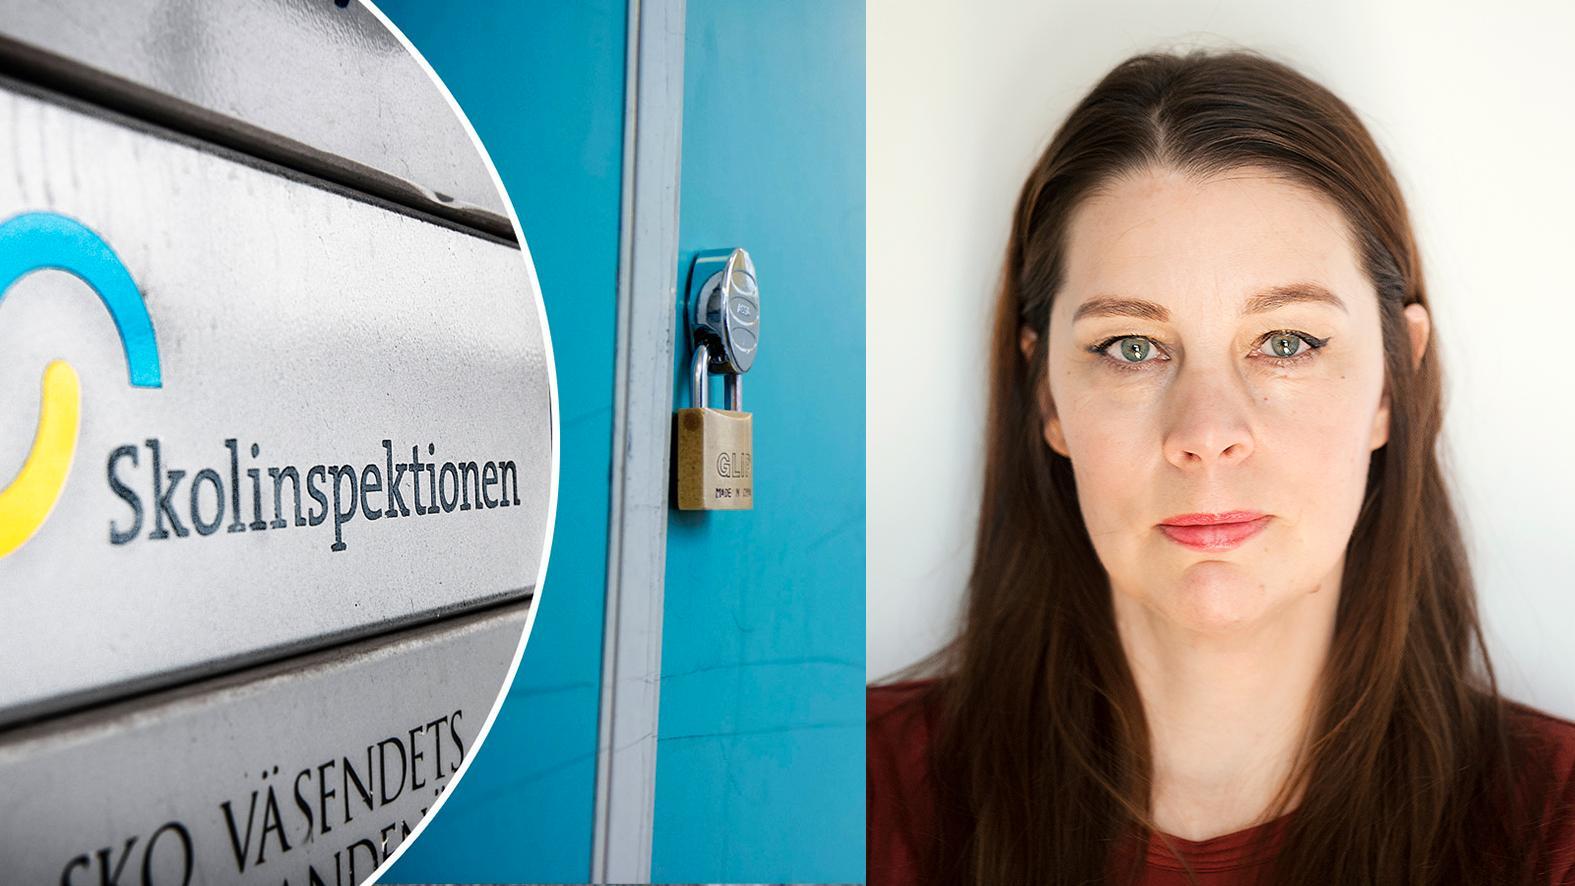 """""""Känner Säkerhetspolisen till att Skolinspektionen efter åtta månaders letande inte lyckats hitta Internationella engelska skolans ägare? Skolor startas och säljs vidare, idag finns inget som hindrar främmande och fientlig makt att shoppa upp delar av vårt skolväsende"""" skriver Jenny Maria Nilsson."""